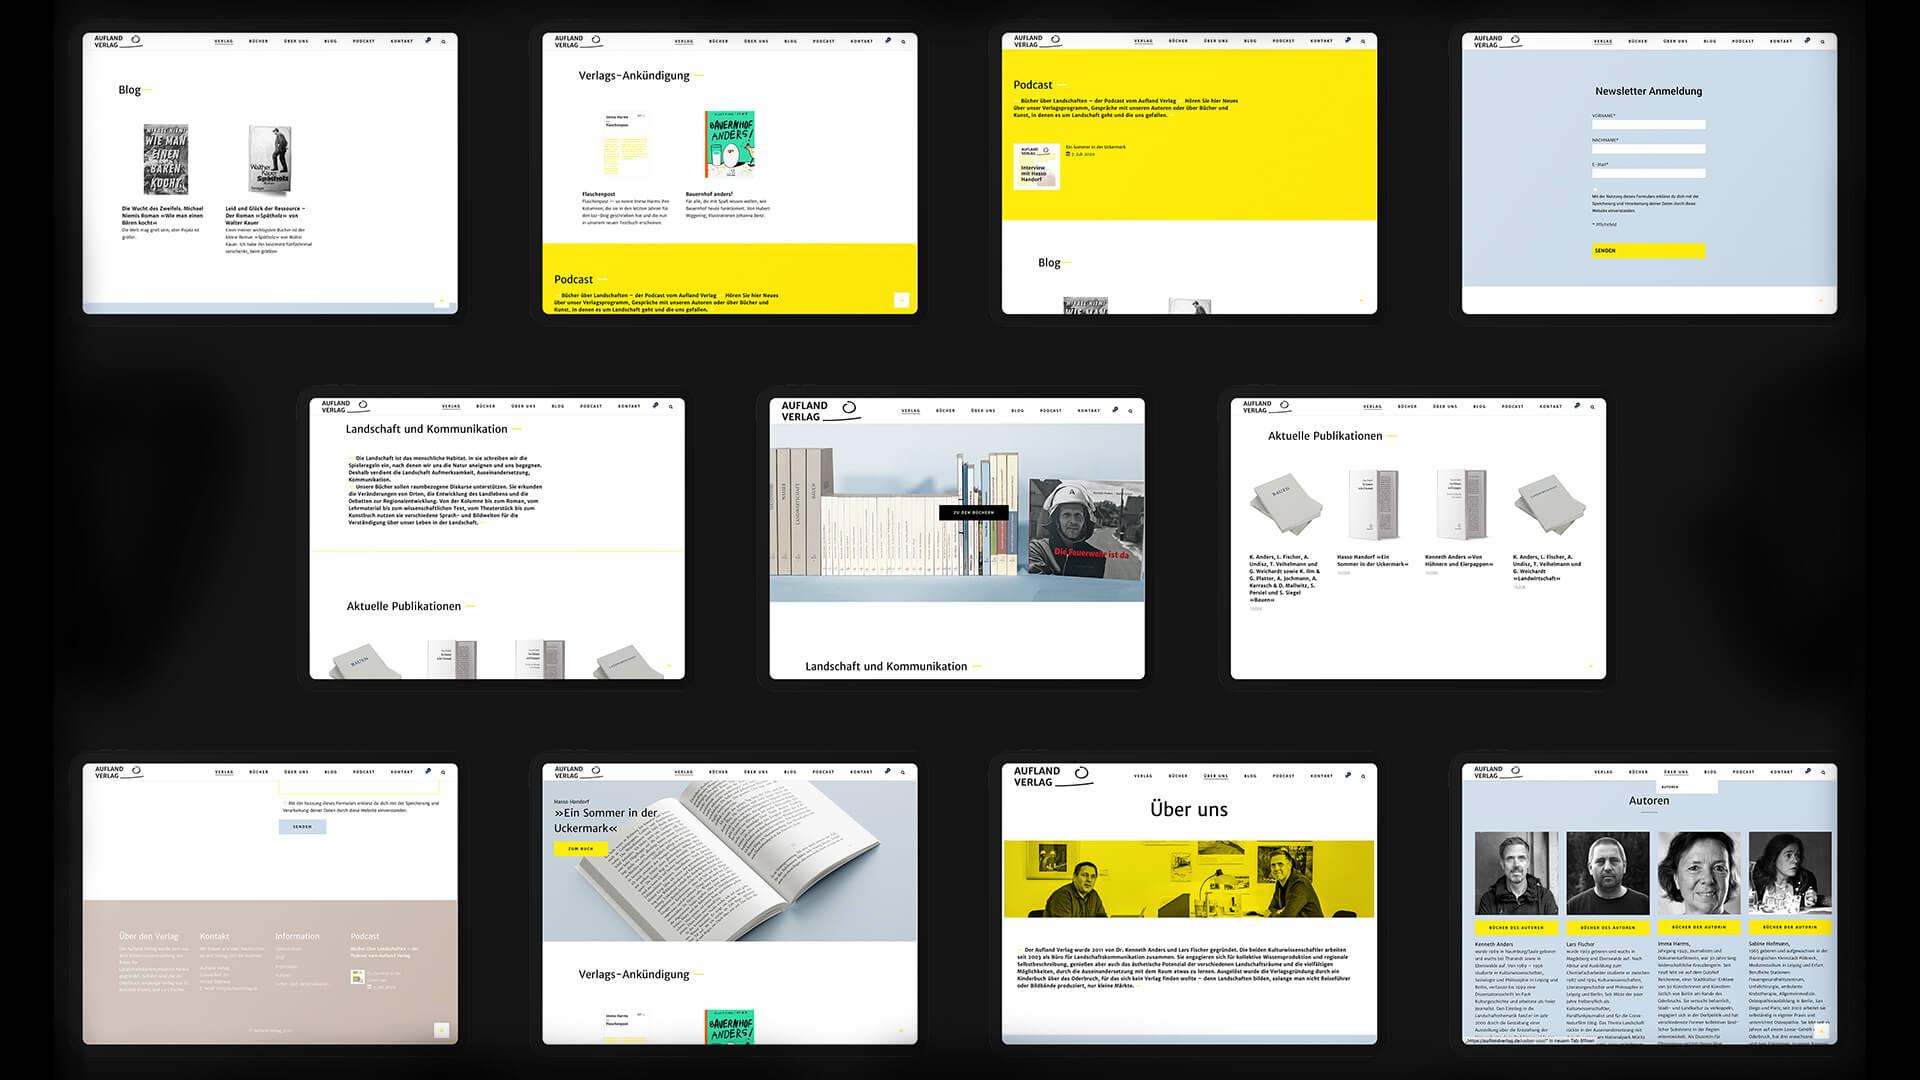 Denken & Handeln, Fine Heininger, Aufland Verlag, auflandverlag.de, Logo, Redesign, UX Design, Screen-Design, Corporate Identity, Visuelle Identität, Grafik Design, Gestaltung, Responsive